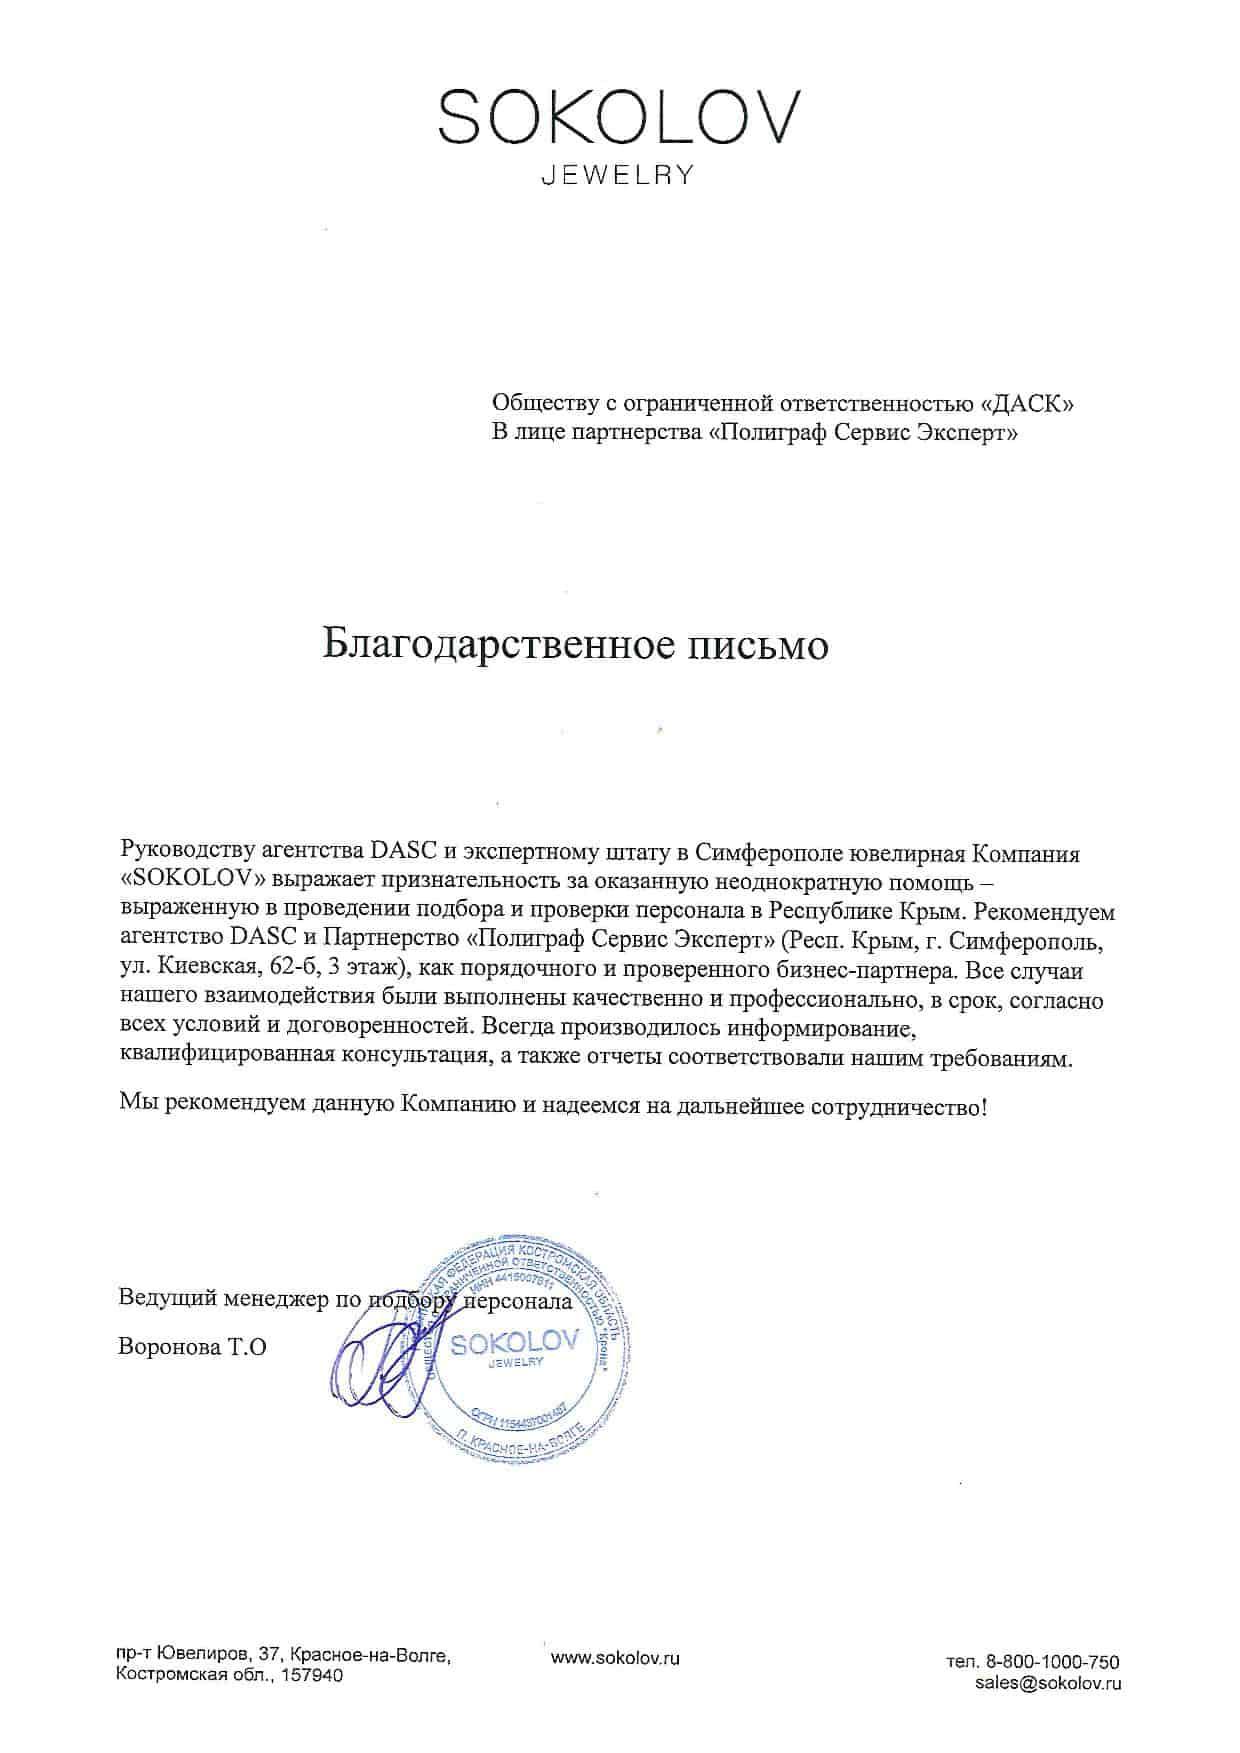 Письмо отзыв от ювелирной компании SOKOLOV